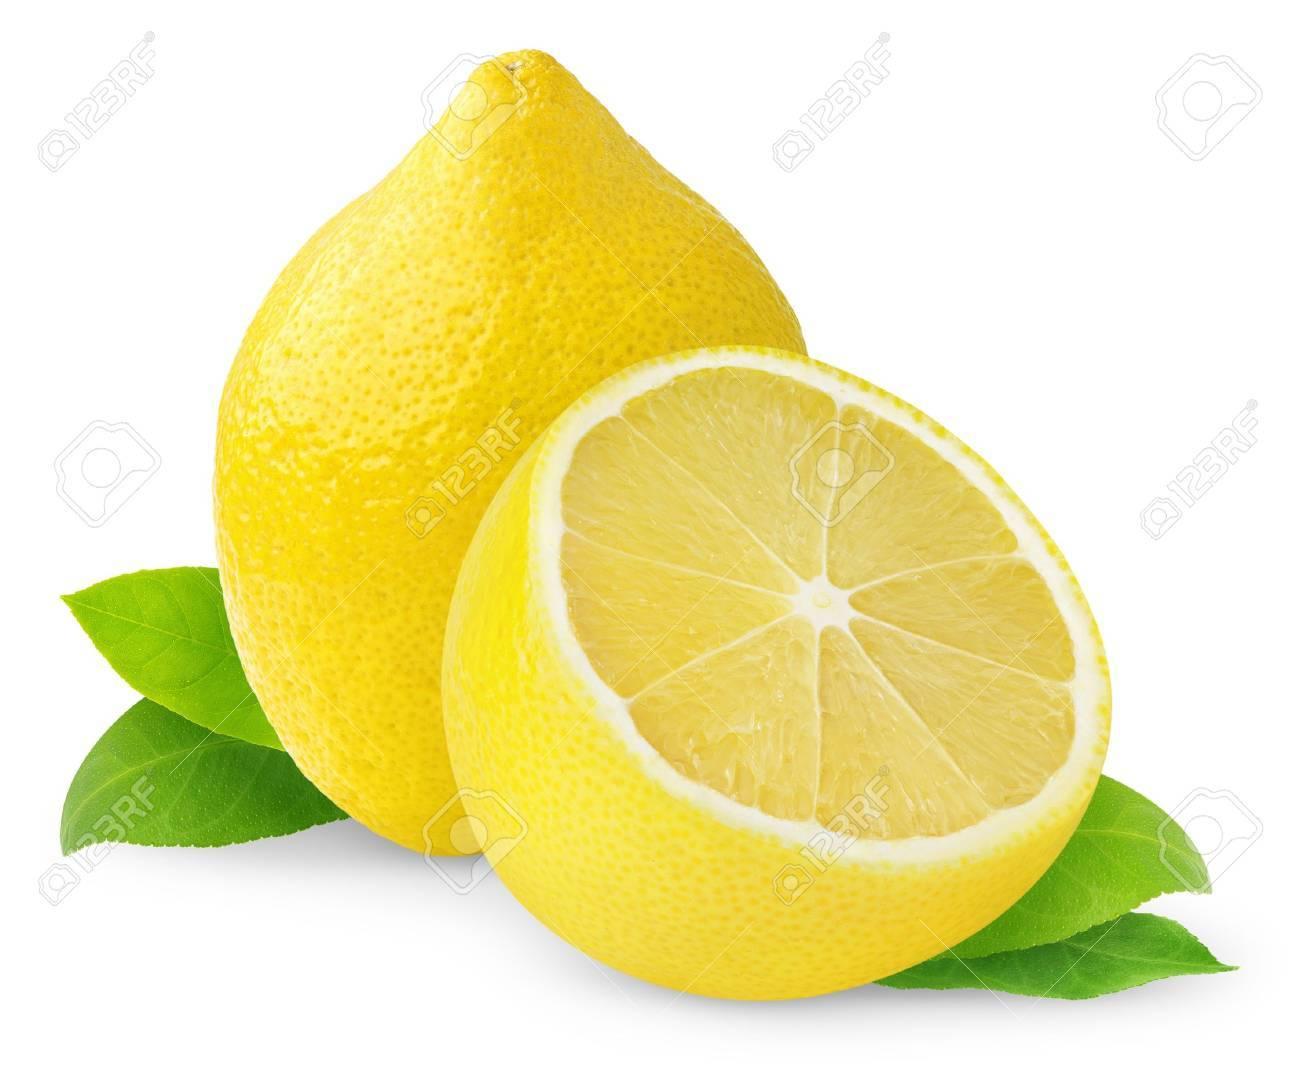 Lemons isolated on white Stock Photo - 8475270